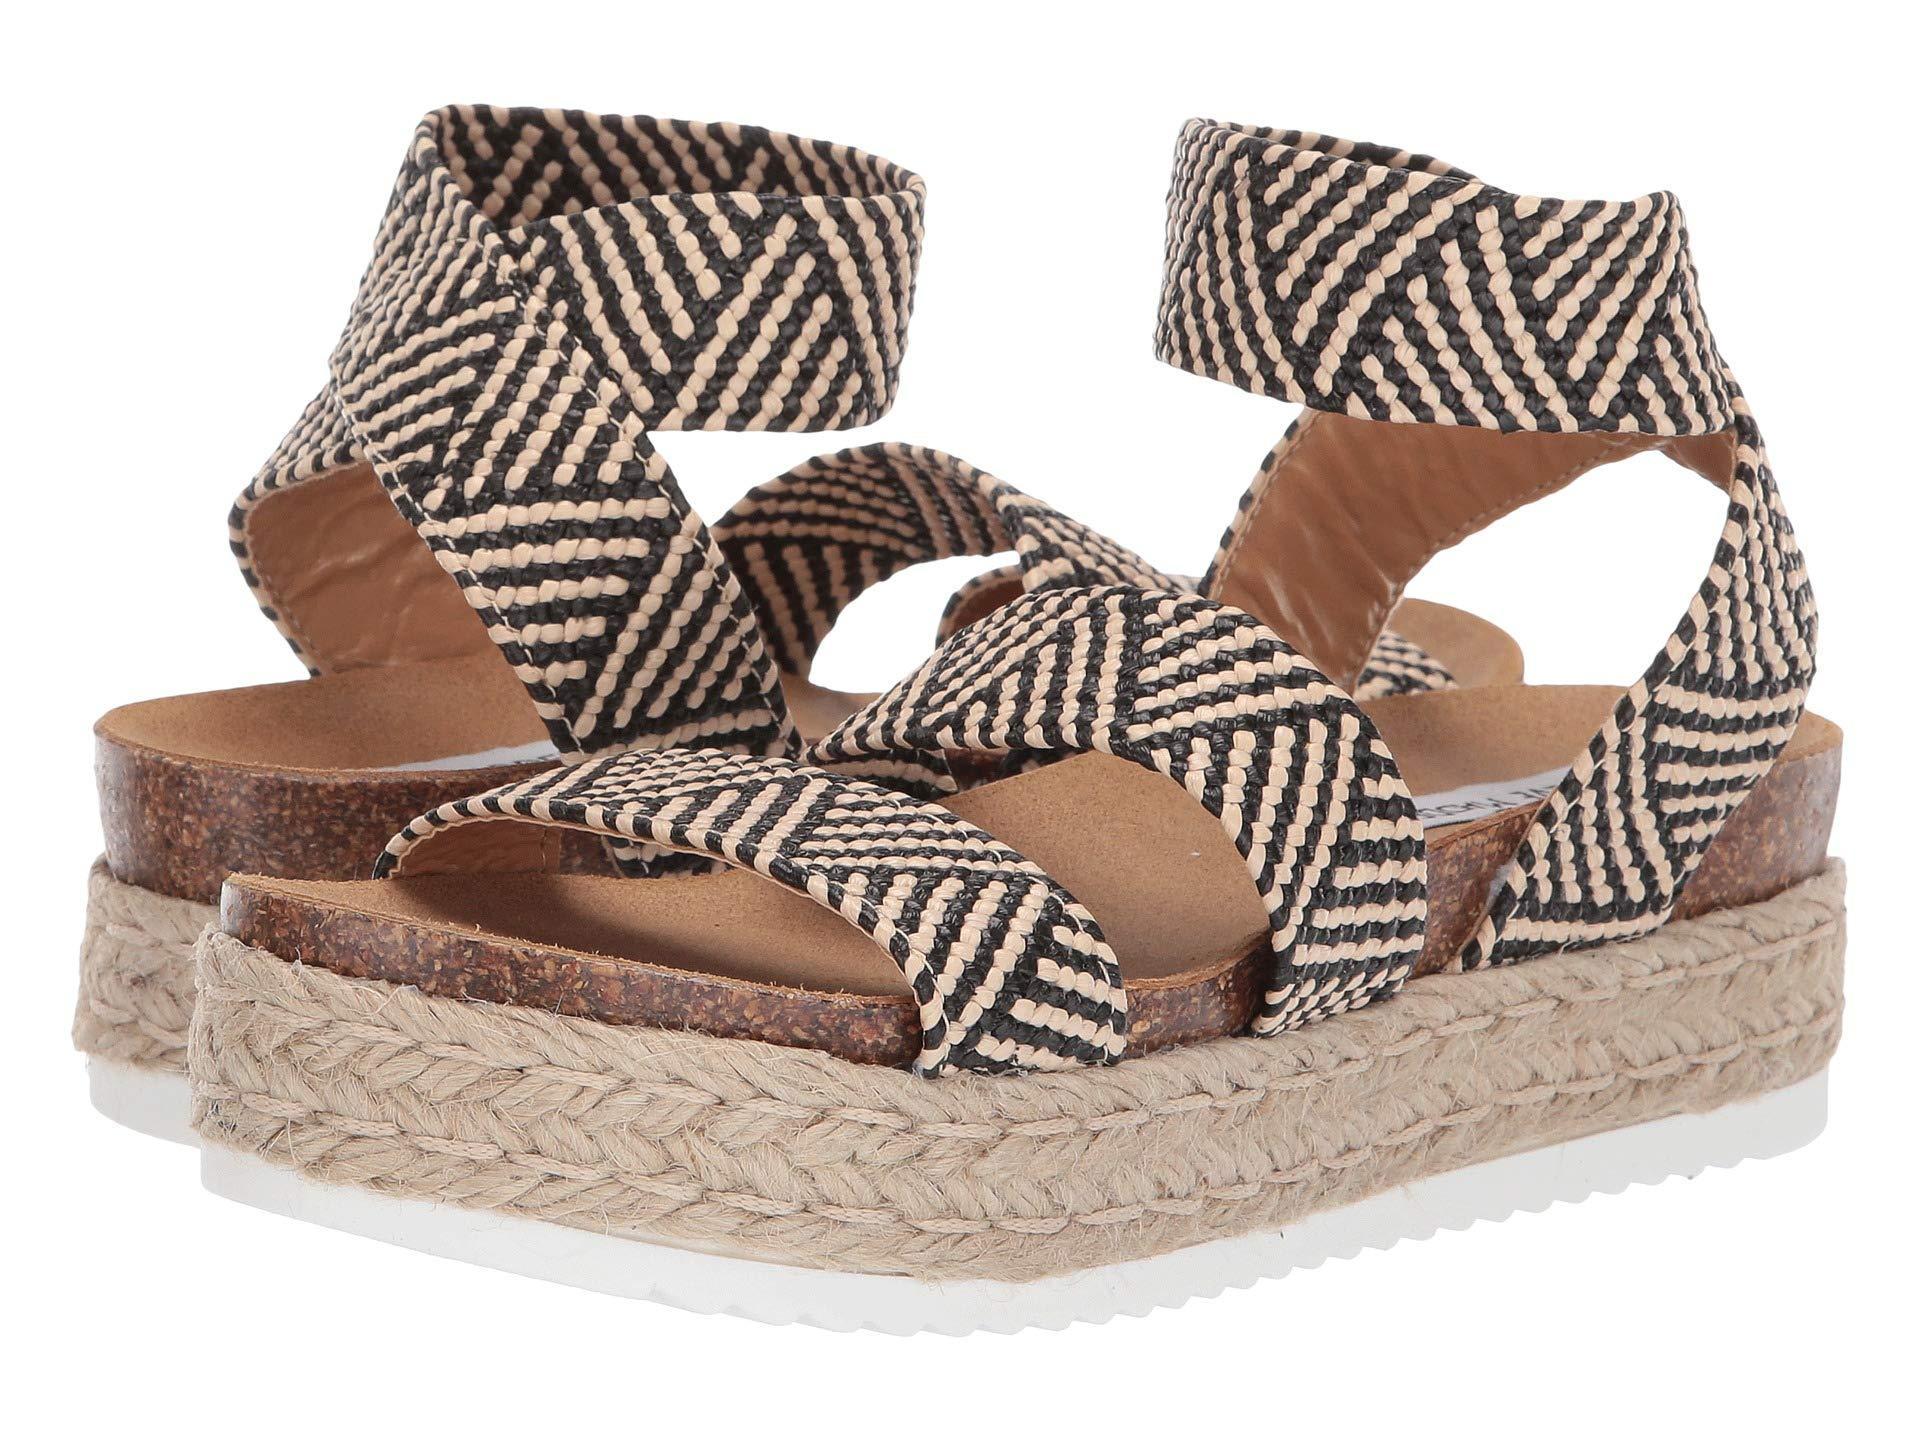 783f19818c3 Lyst - Steve Madden Kimmie Espadrille Sandal (black Multi) Women s Shoes